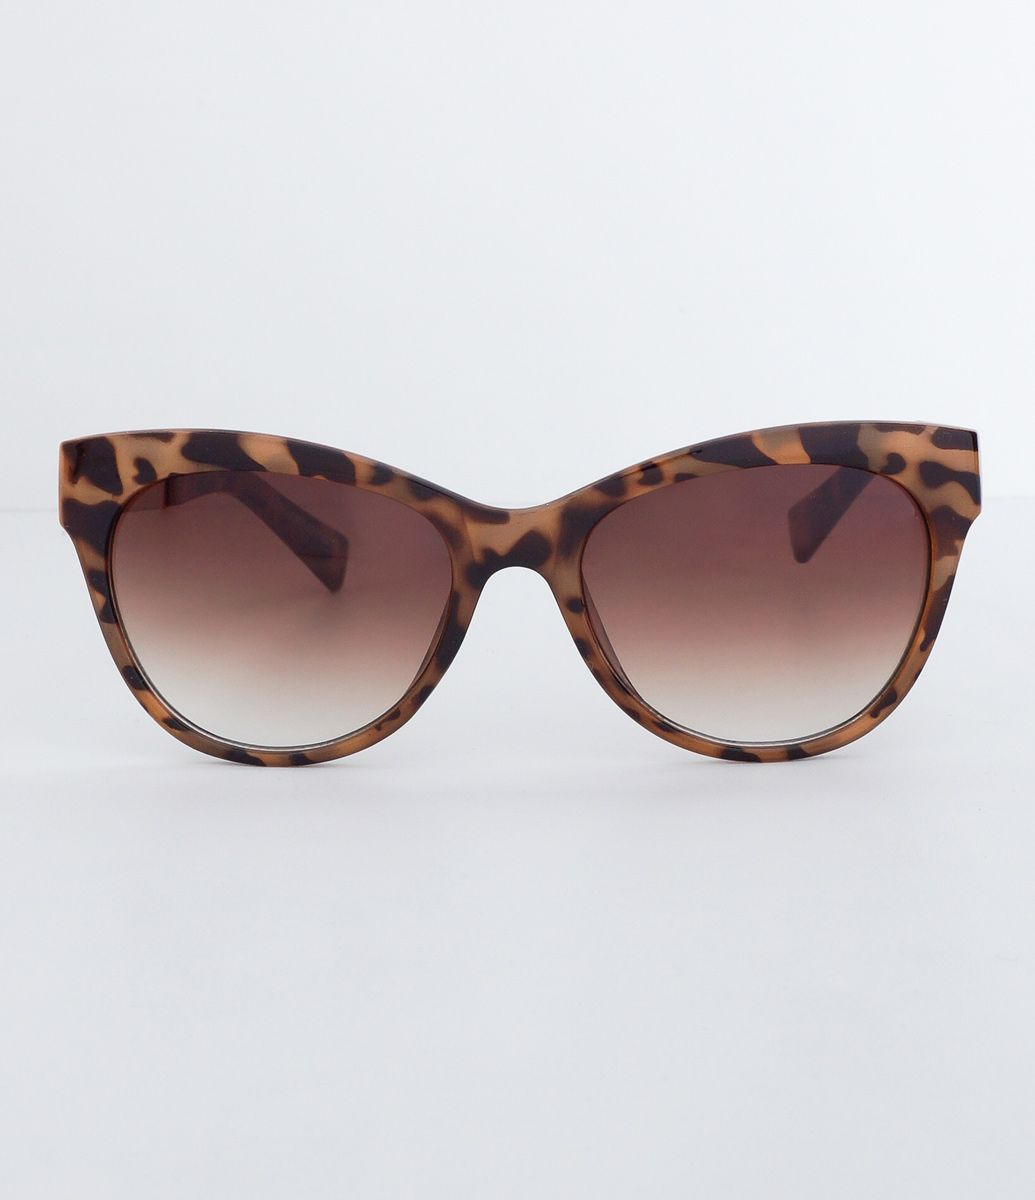 55ff33fd29db5 Óculos de sol feminino Modelo gateado Hastes em acetato Lentes com efeito  degradê Proteção contra raios